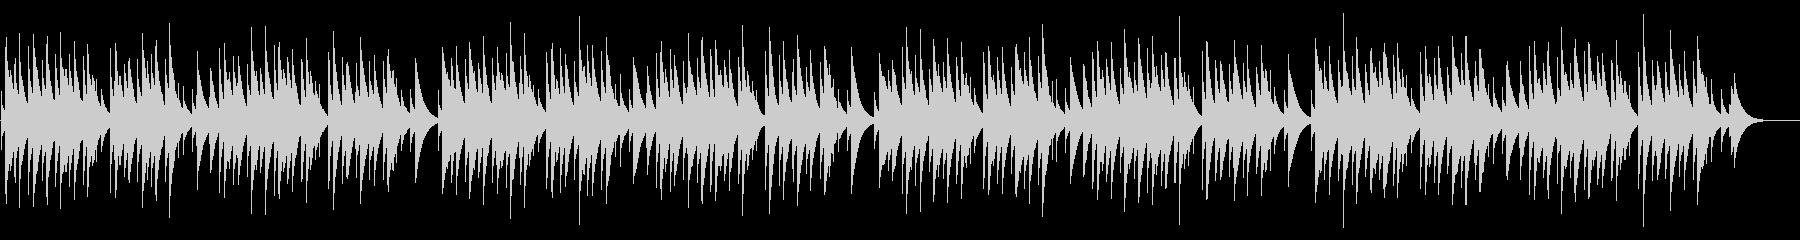 蛍の光 カード式オルゴールの未再生の波形